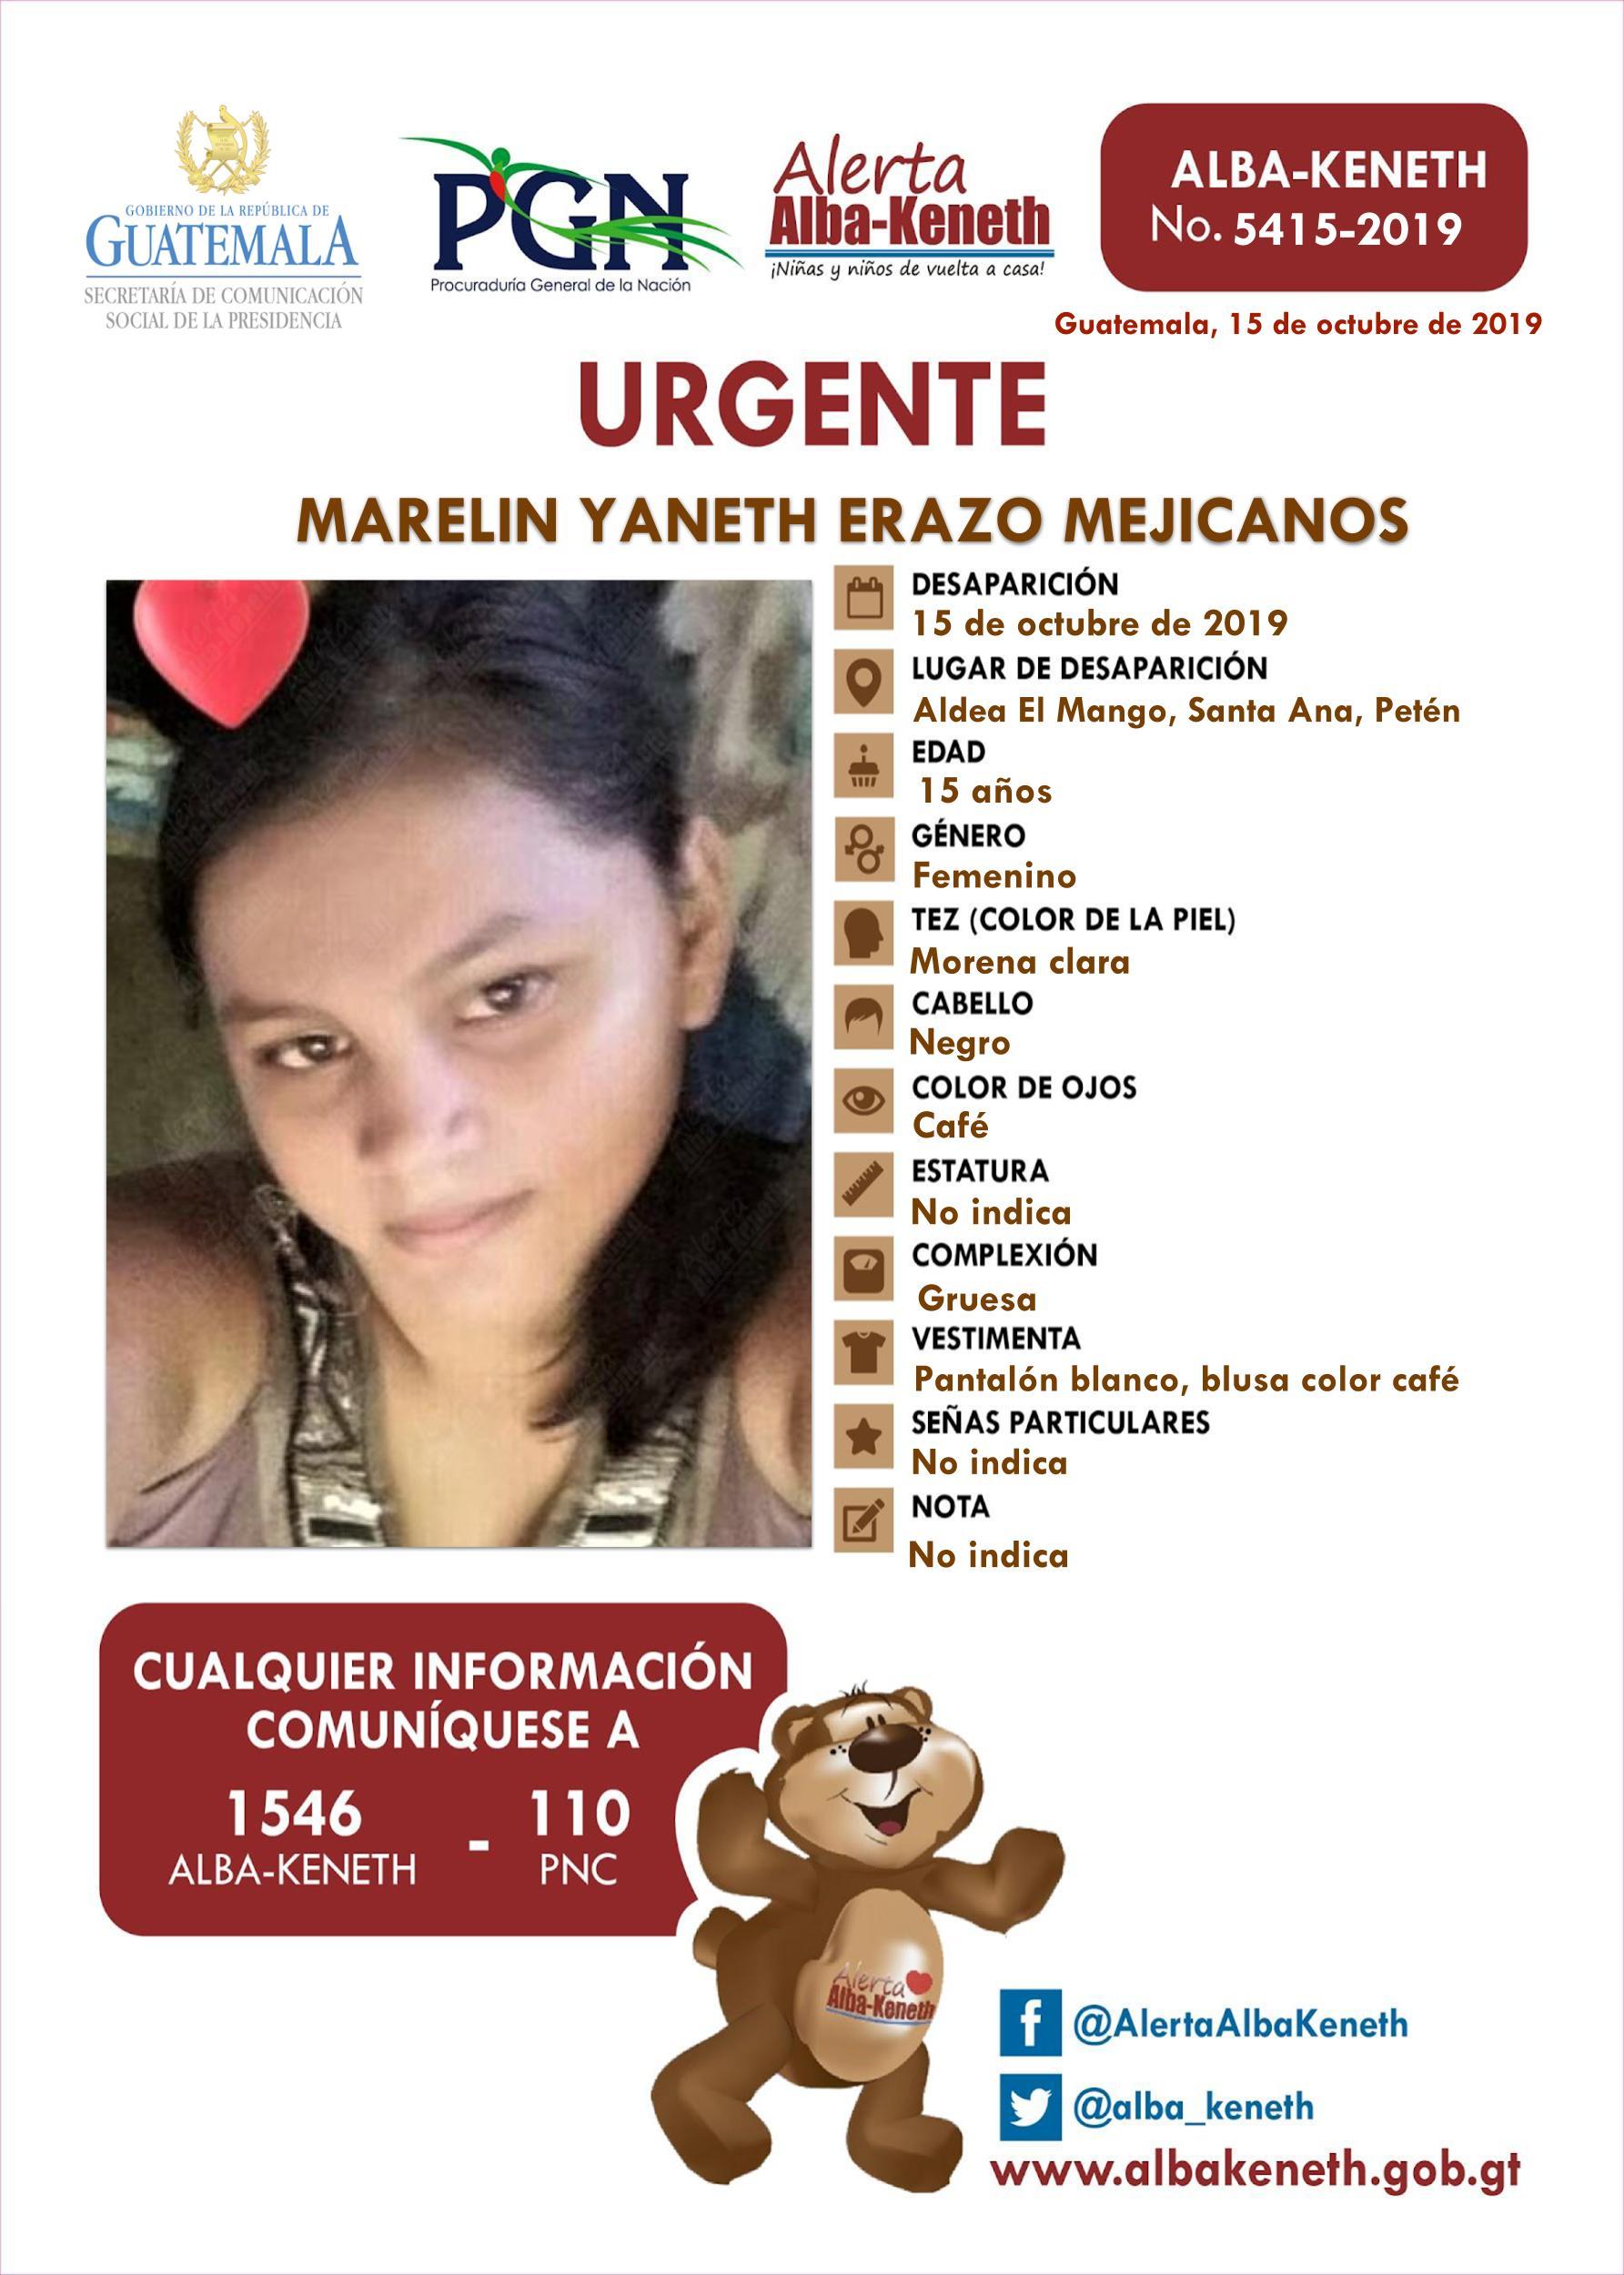 Marelin Yaneth Erazo Mejicanos